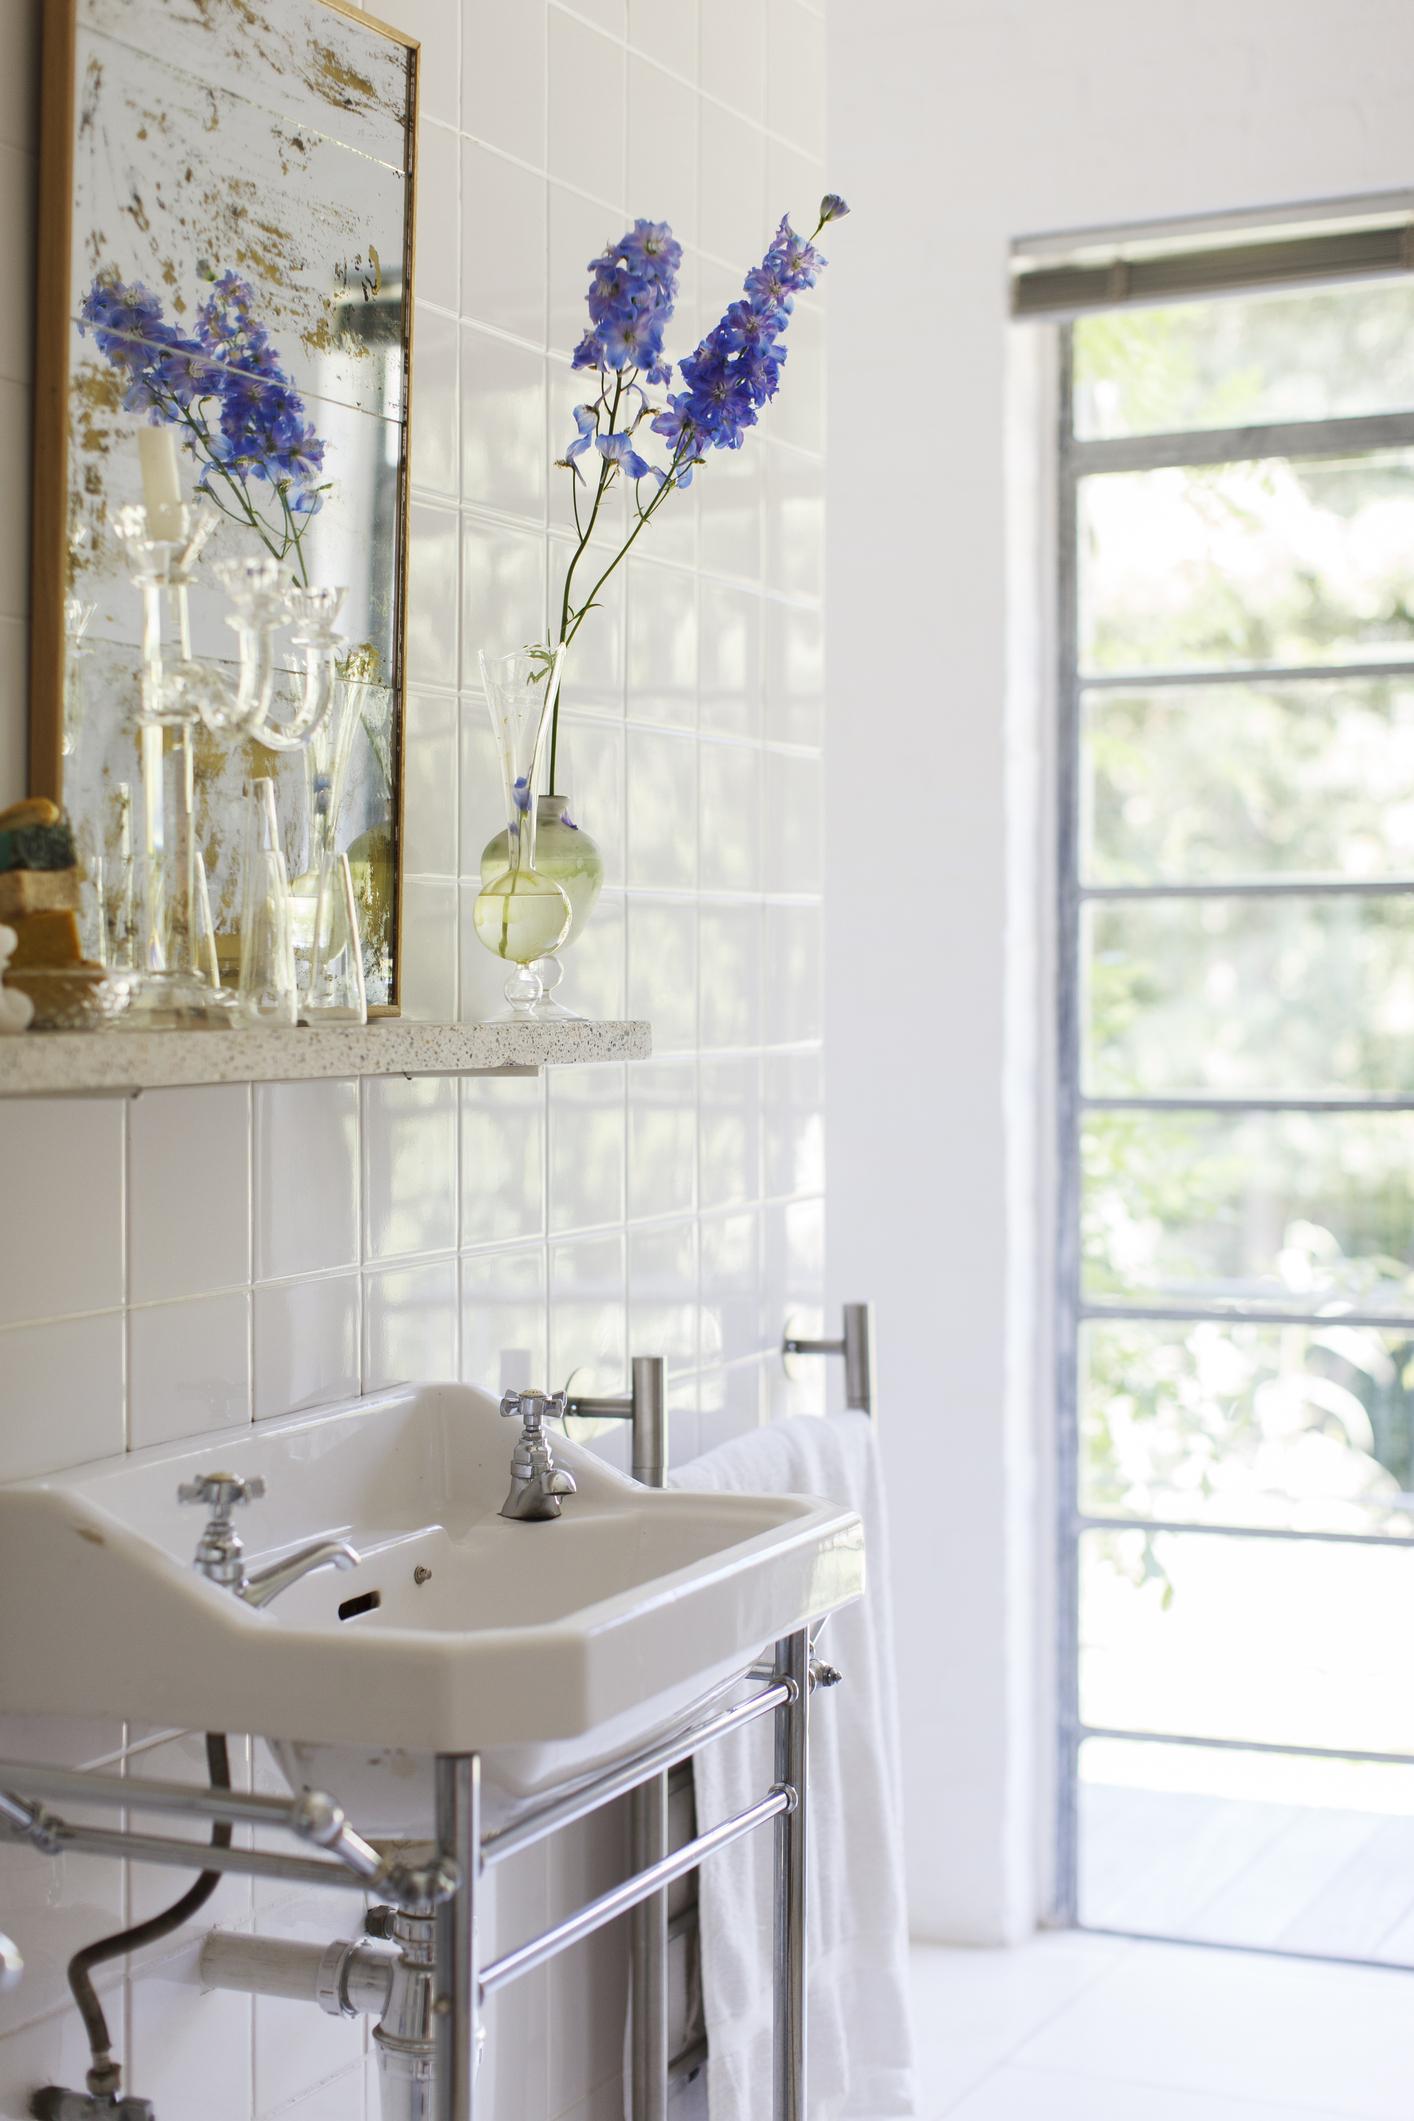 nuove idee e consigli per progettare e arredare un bagno piccolo ... - Idee Arredo Bagno Piccolo